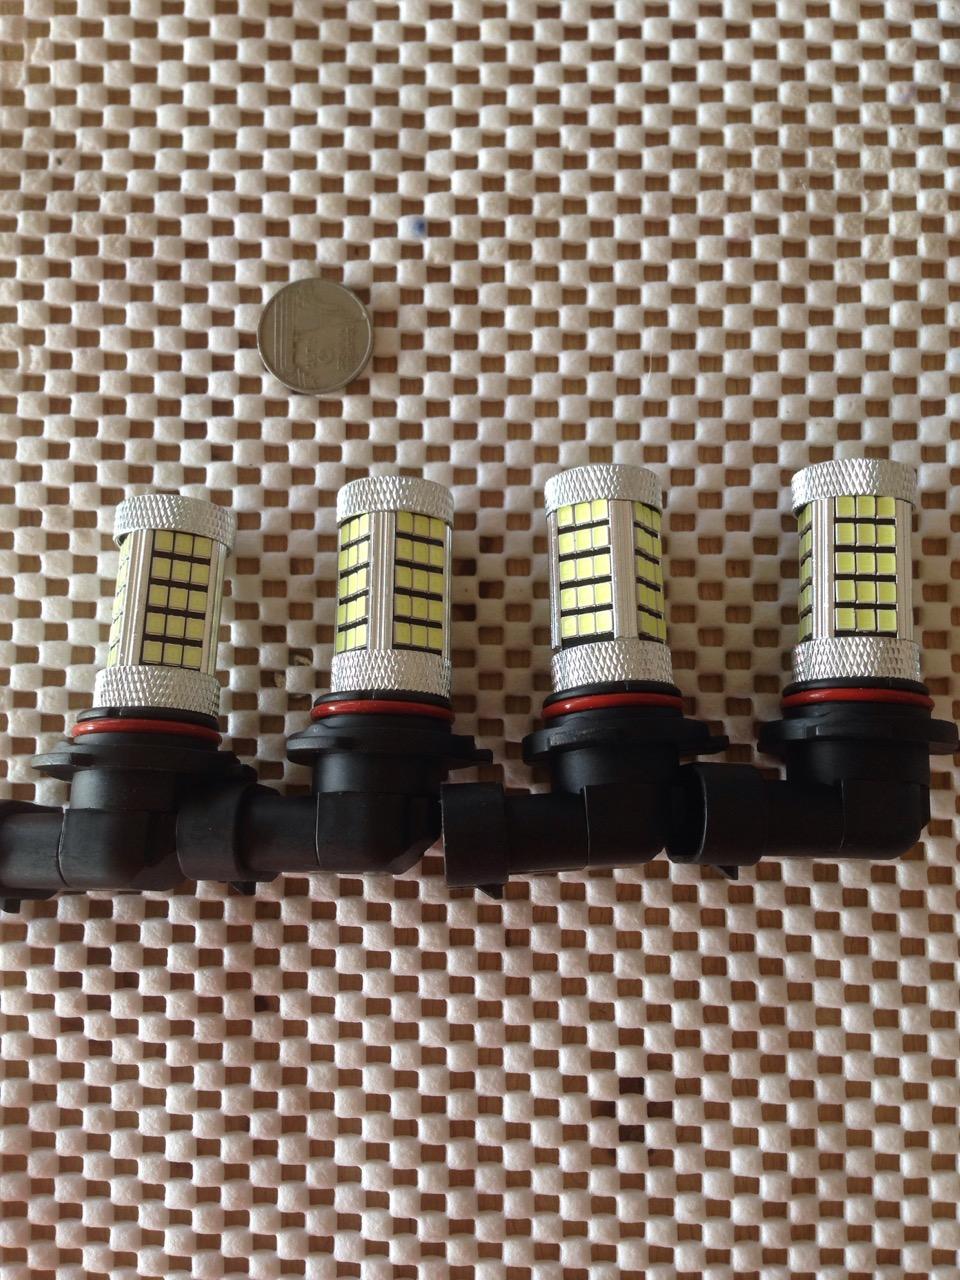 ไฟตัดหหมอกขั่ว 9006 LED 63 ดวงเลนส์โปรเจคเตอร์